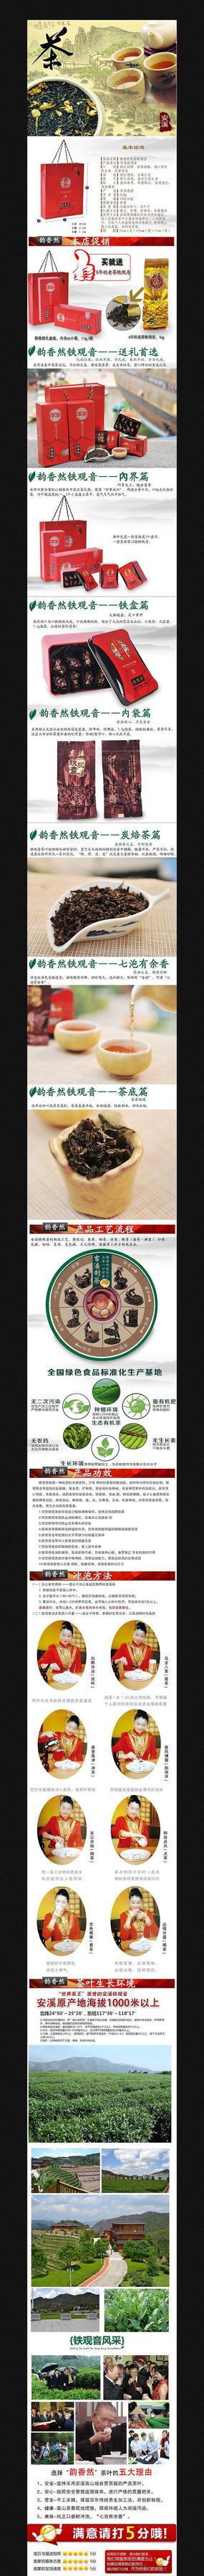 淘宝食品细节描述页